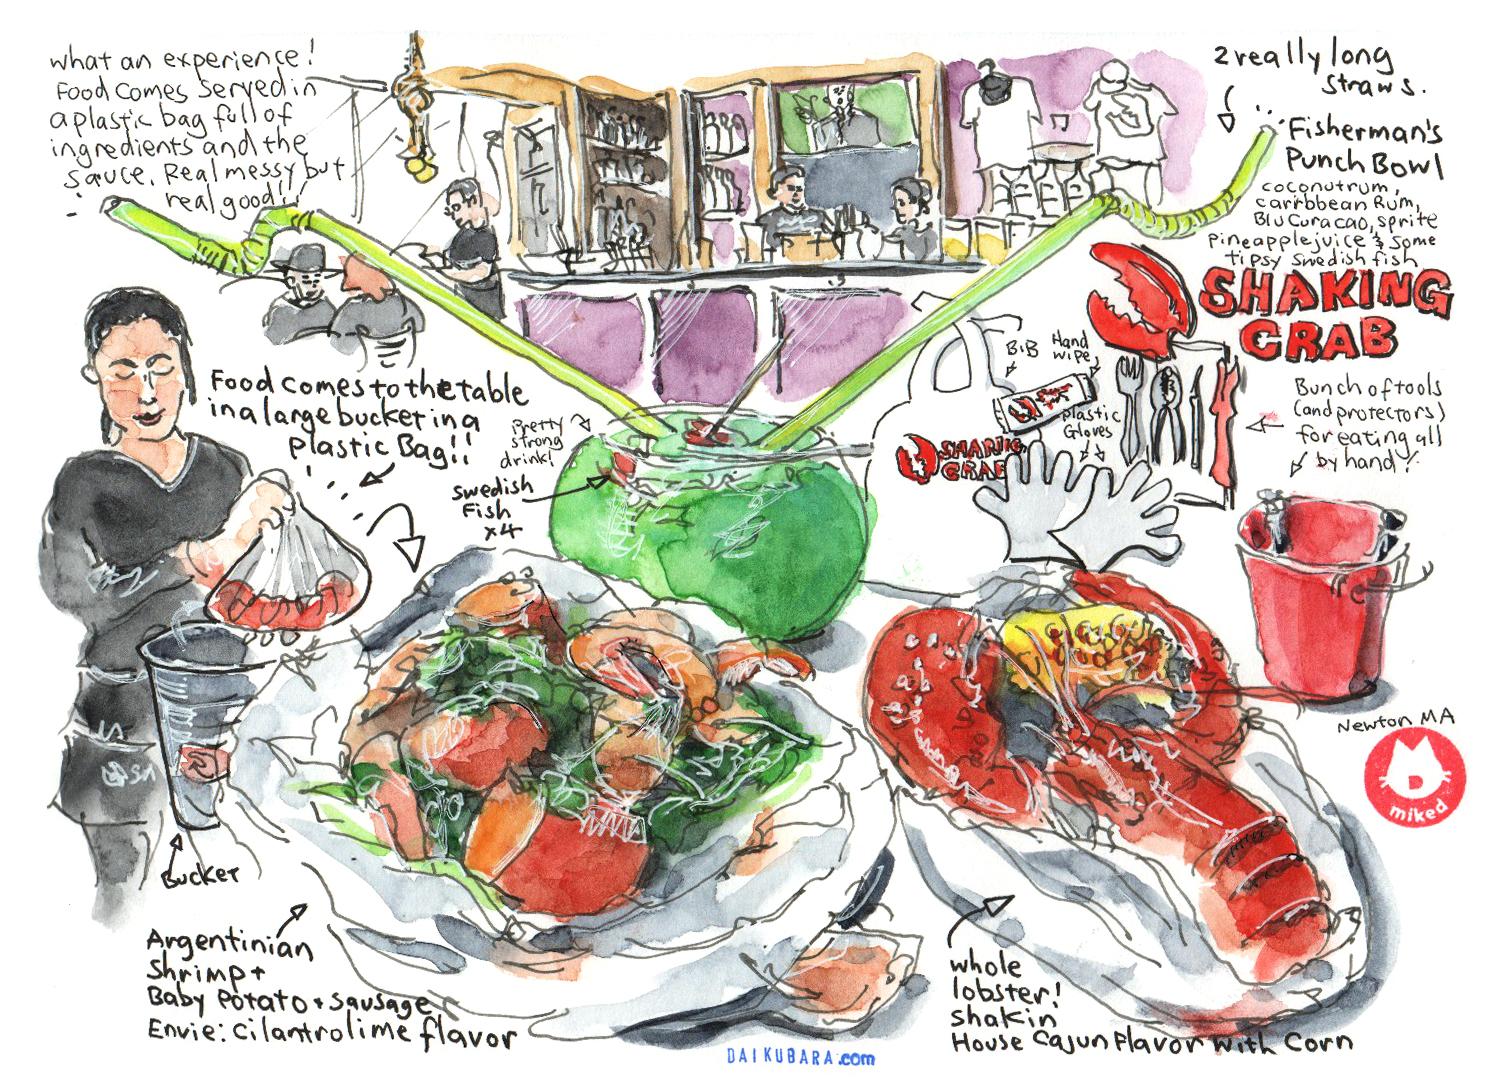 Sketch by Boston-based artist Mike Daikubara: @mikedaikubara